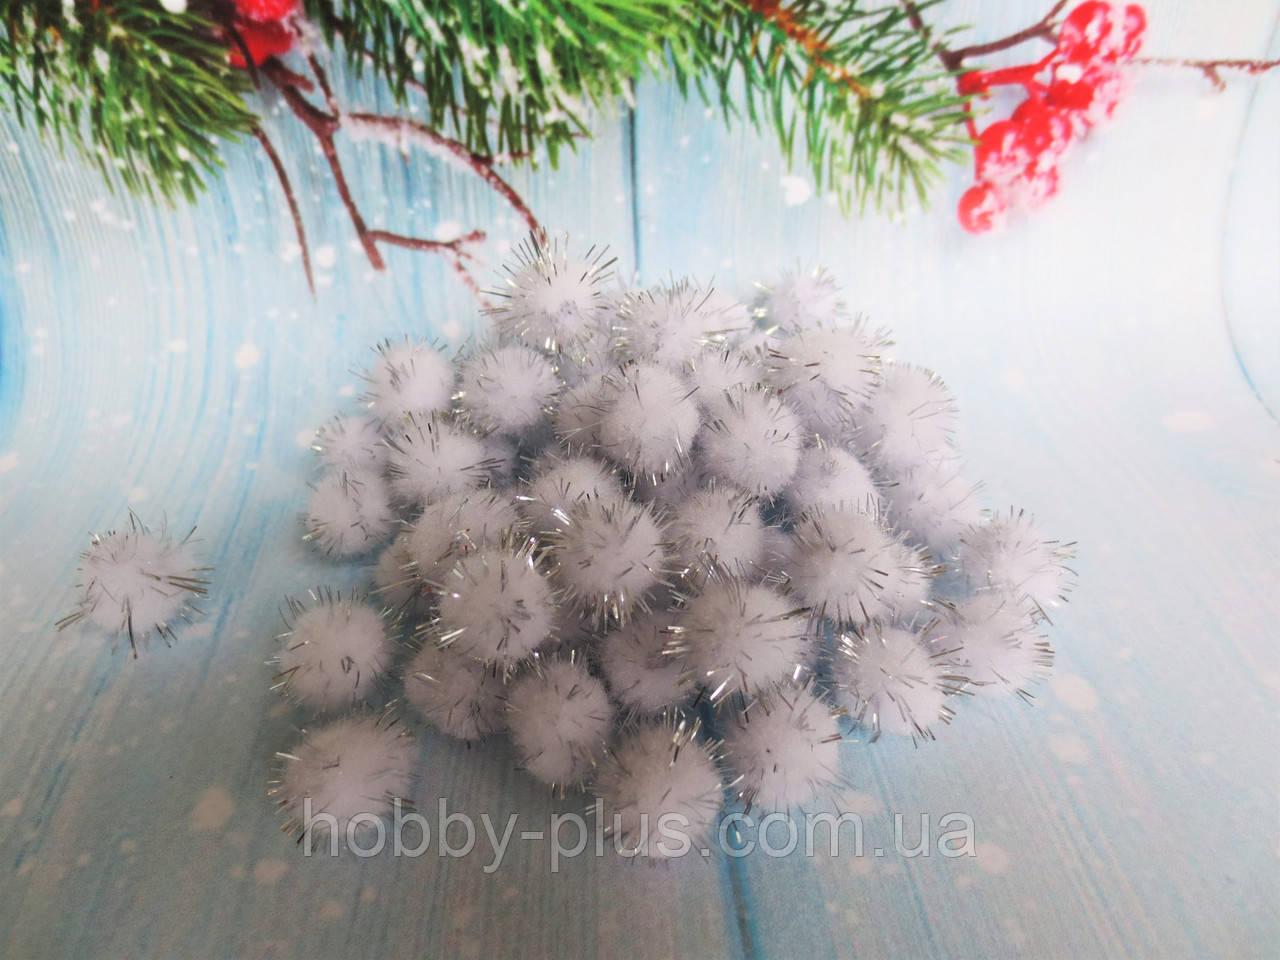 Помпоны с люрексом, d 1,5 см, цвет белый с серебром , ~50 шт